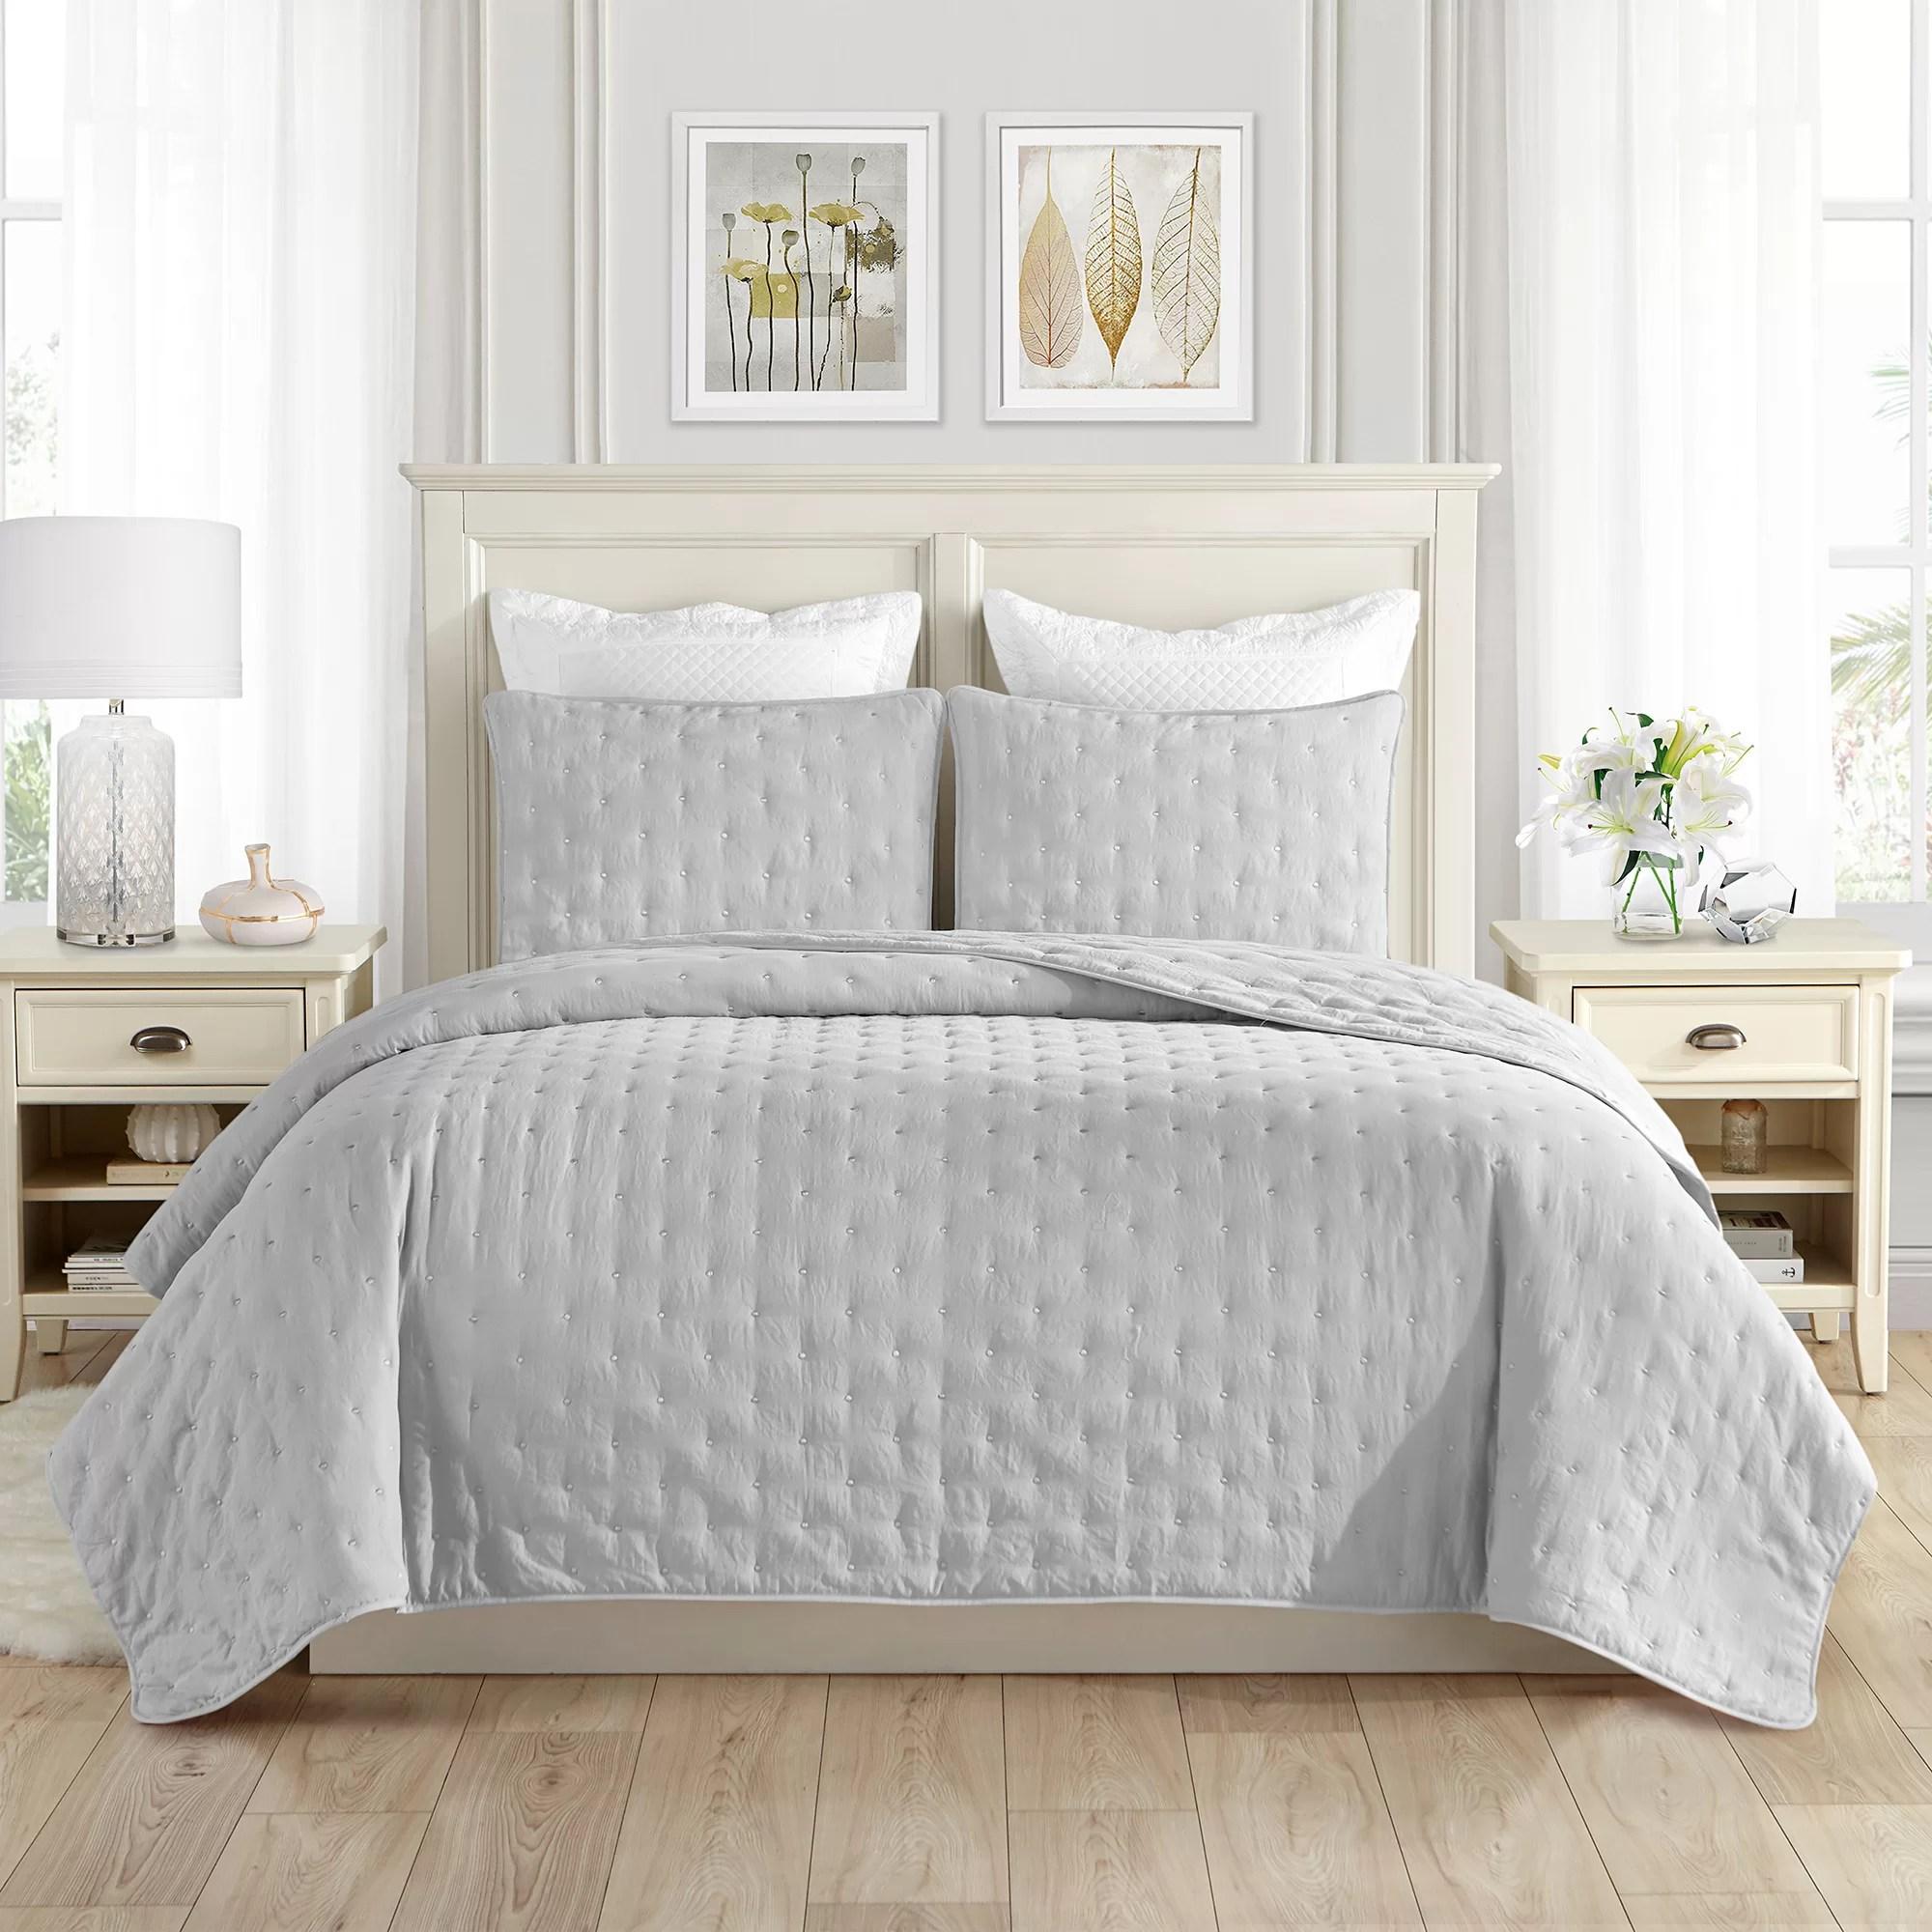 coastal bedding you ll love in 2021